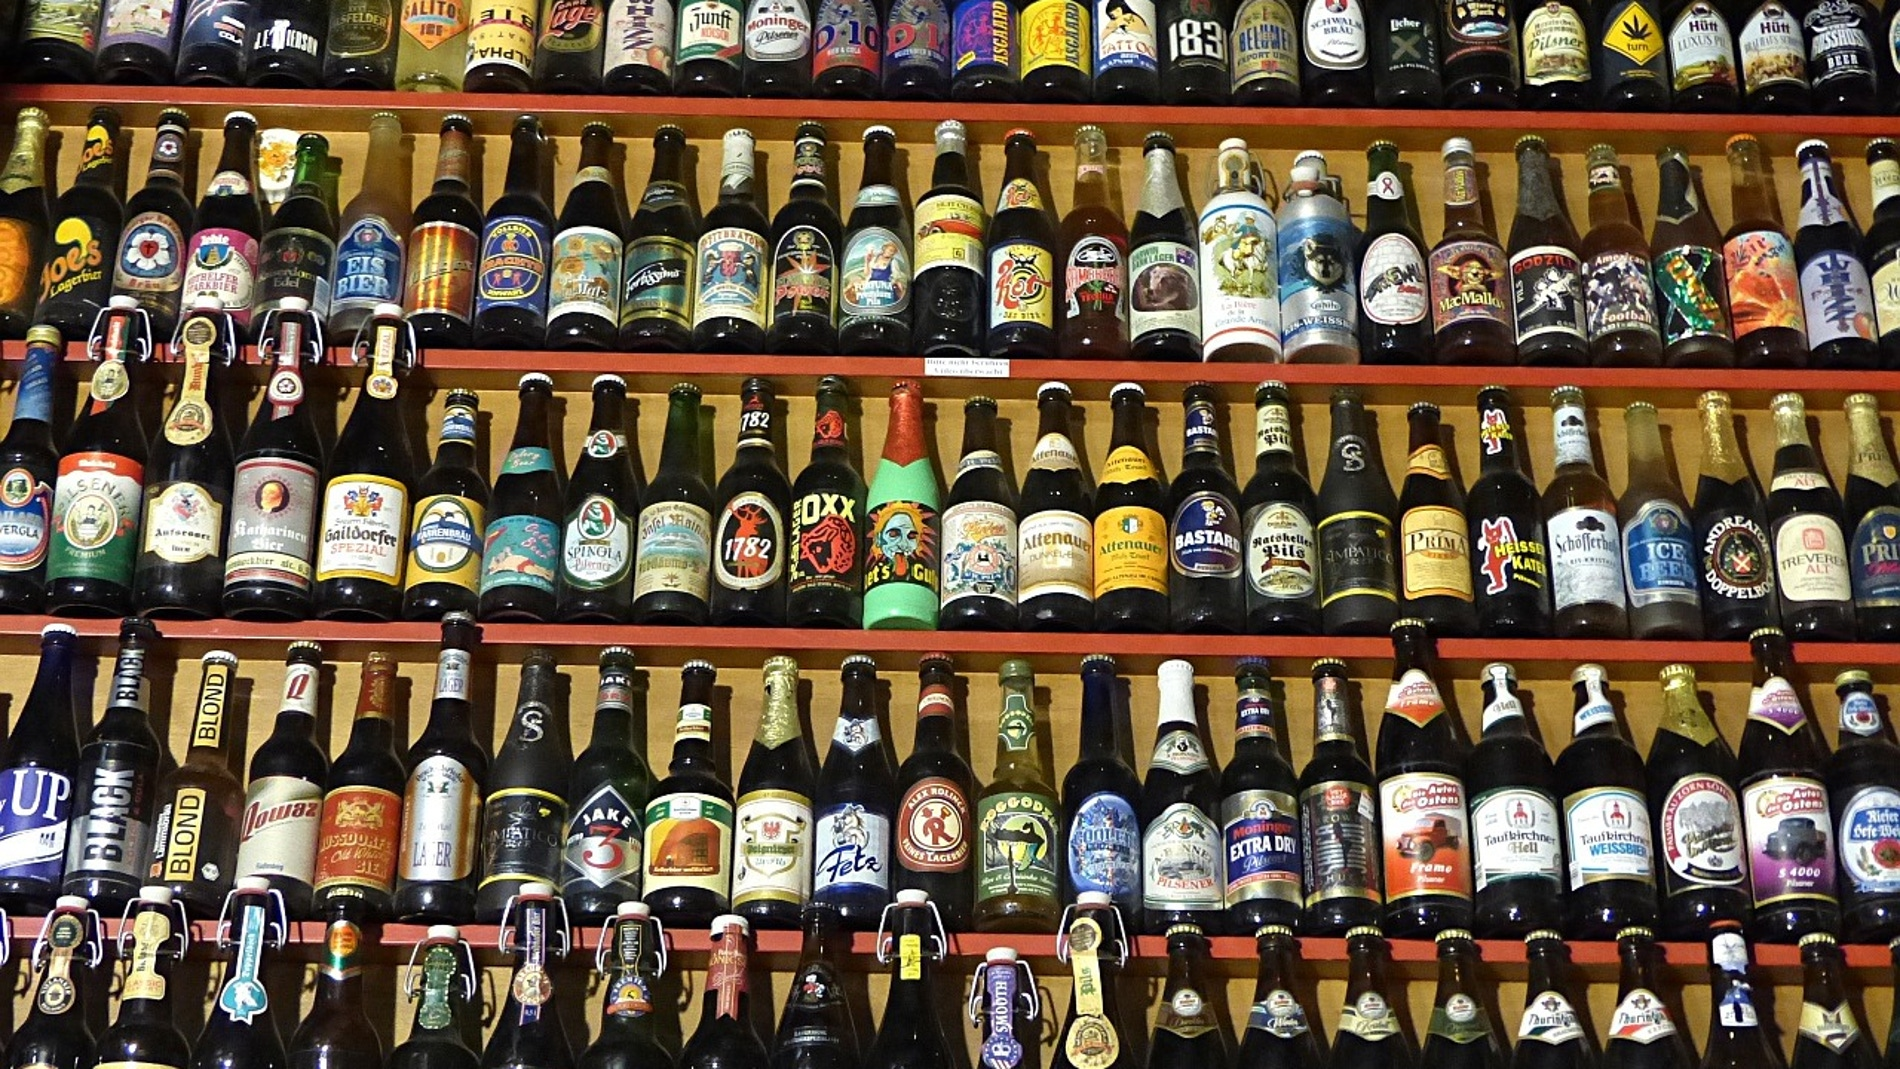 Distintas cervezas envasadas